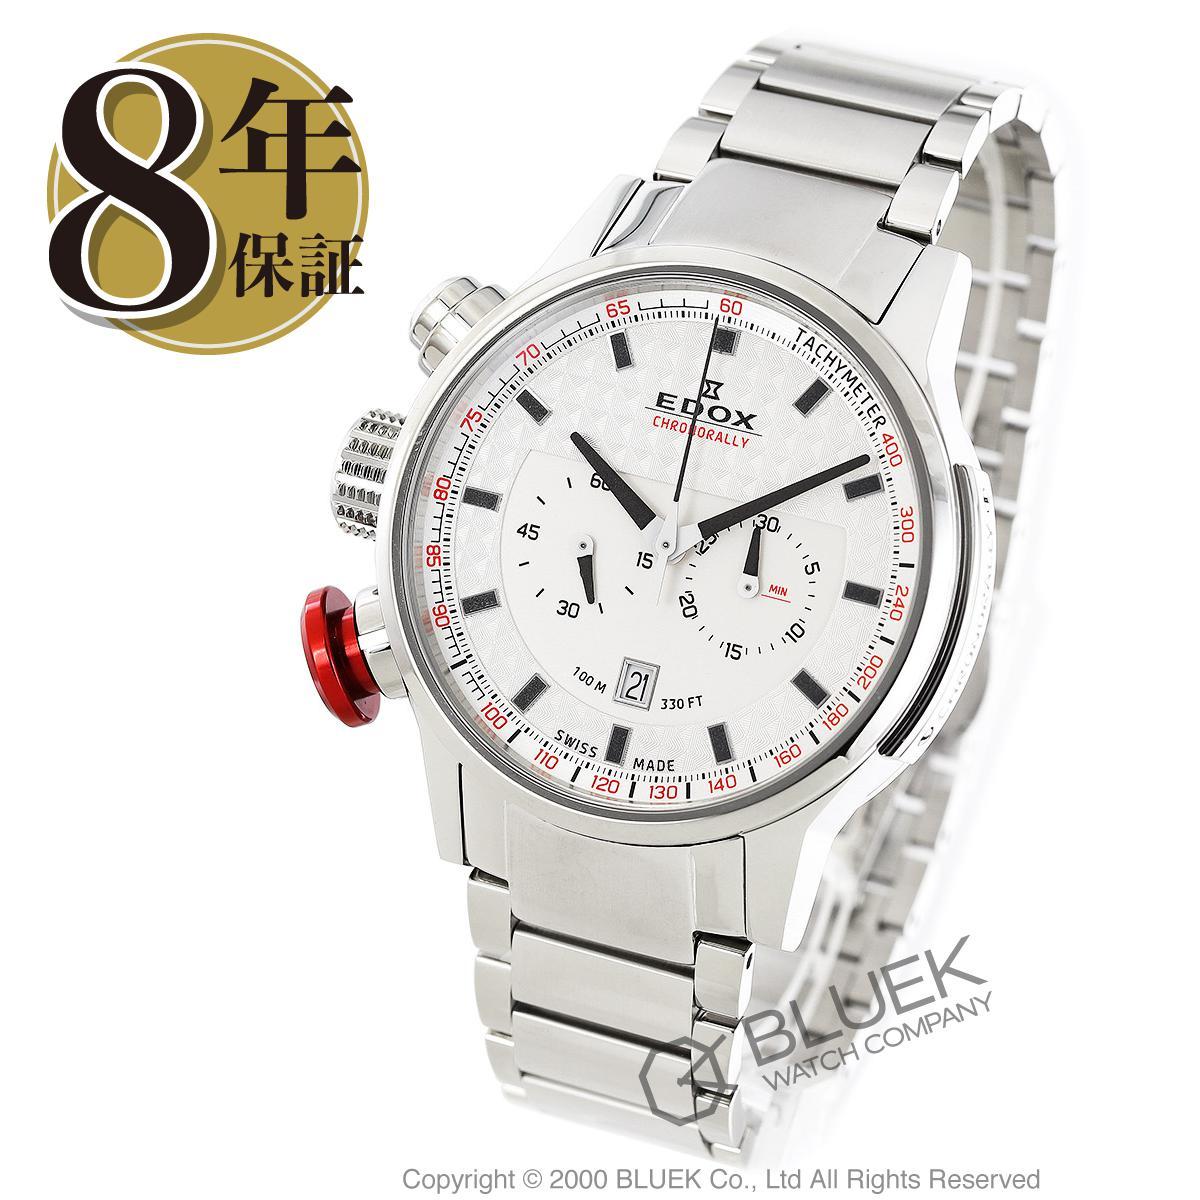 【最大3万円割引クーポン 11/01~】エドックス クロノラリー クロノグラフ 腕時計 メンズ EDOX 10302-3M-AIN_8